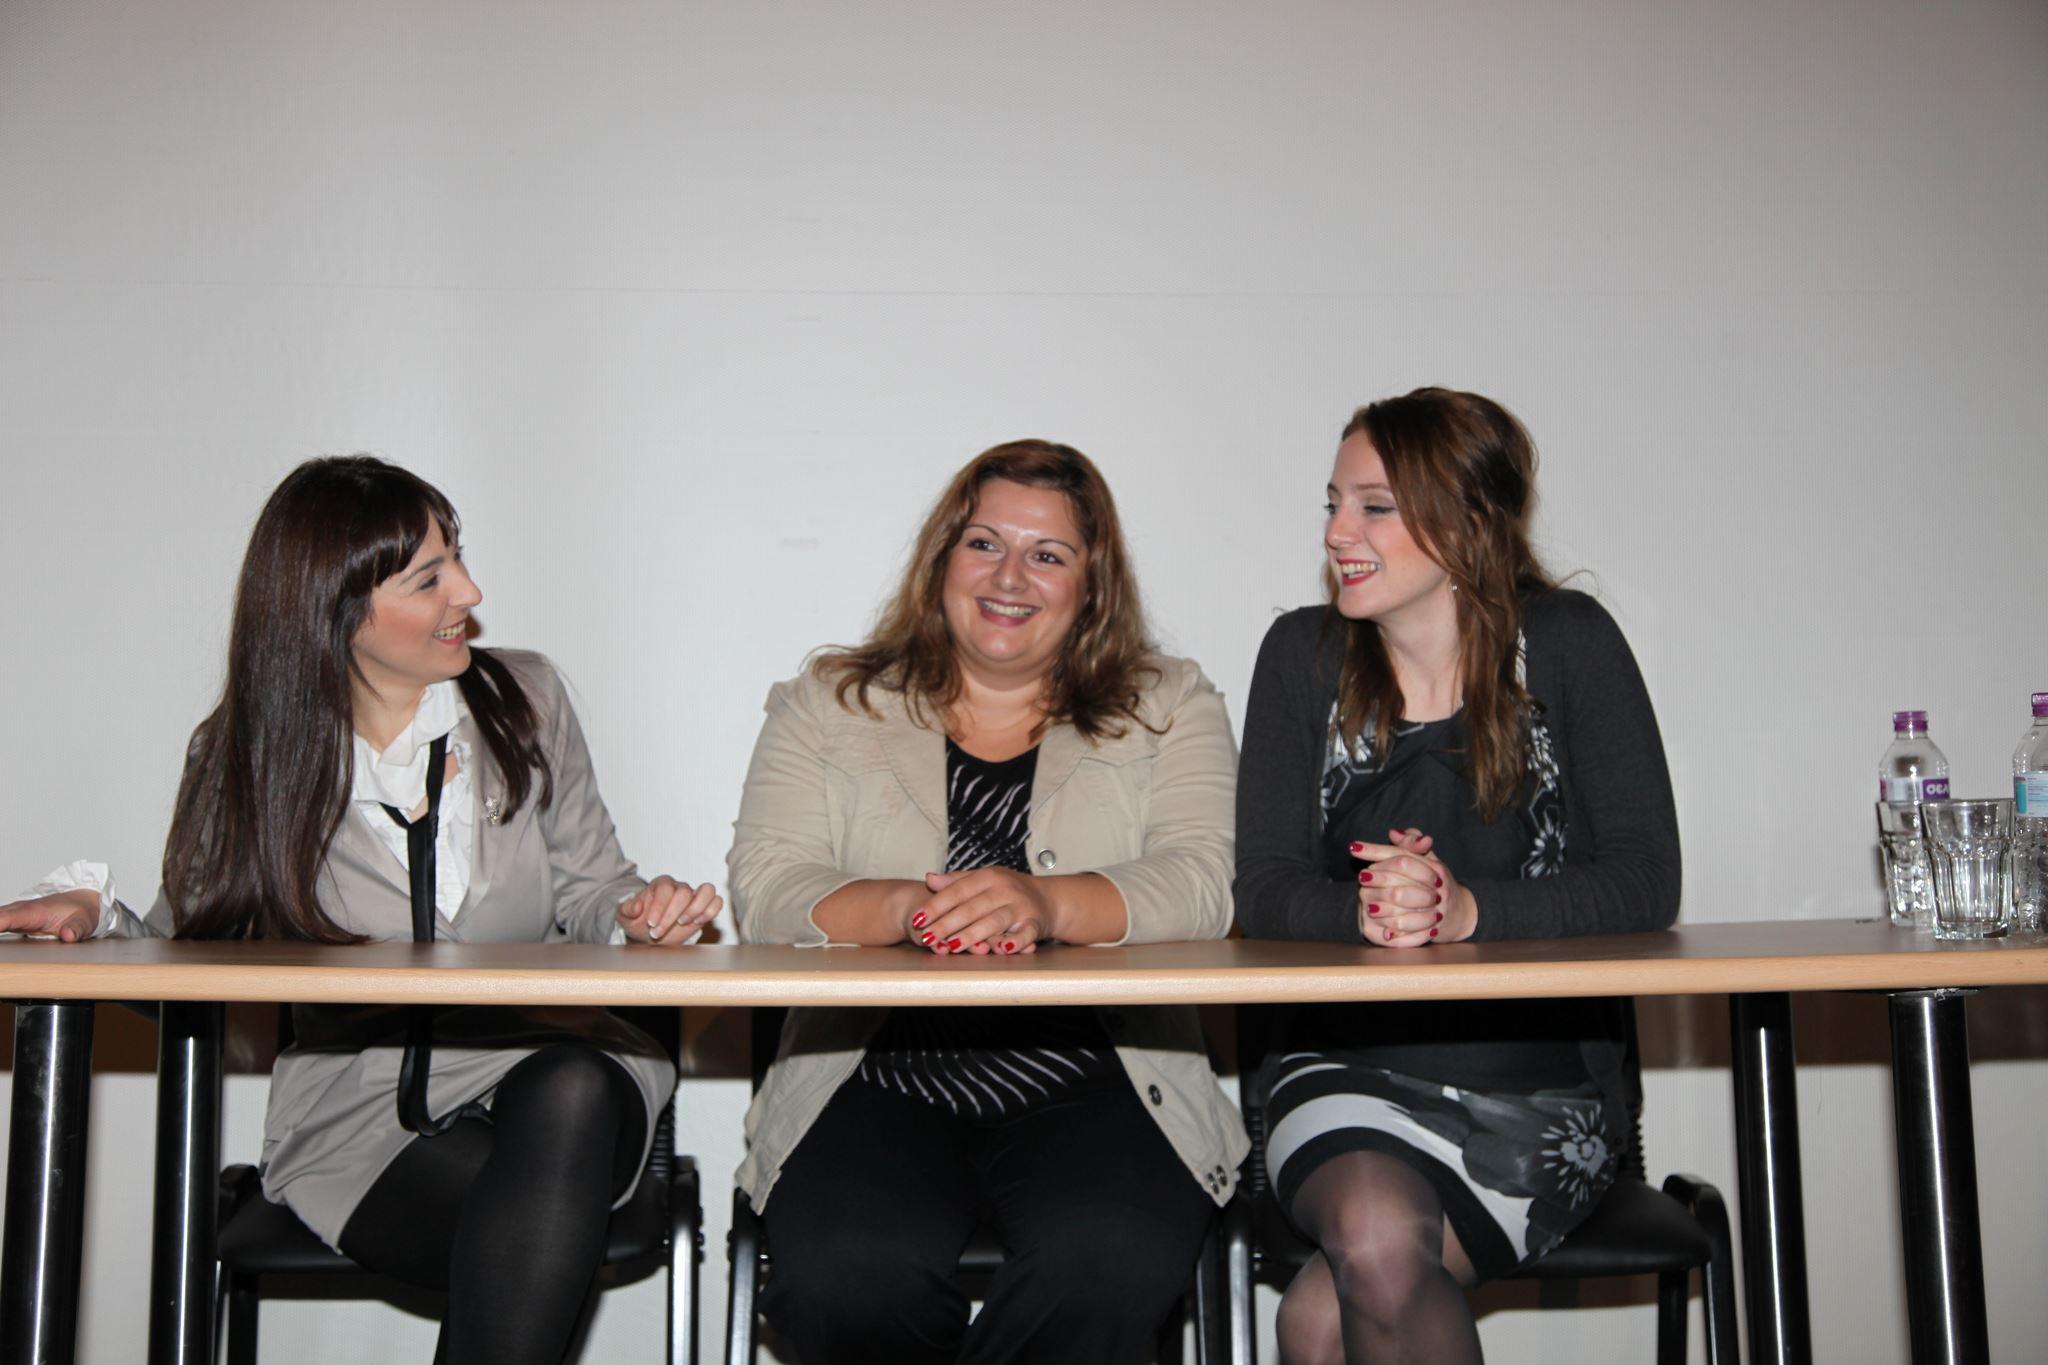 Γρεβενά: Ημερίδα για την διατροφή  – Τι είπαν : Βιβή Κατσαρού, Πηνελόπη Βασιλείου, Σοφία Μπάμπου, Μαρία Κατσαρού και η Ιωάννα Χριστουλάκη